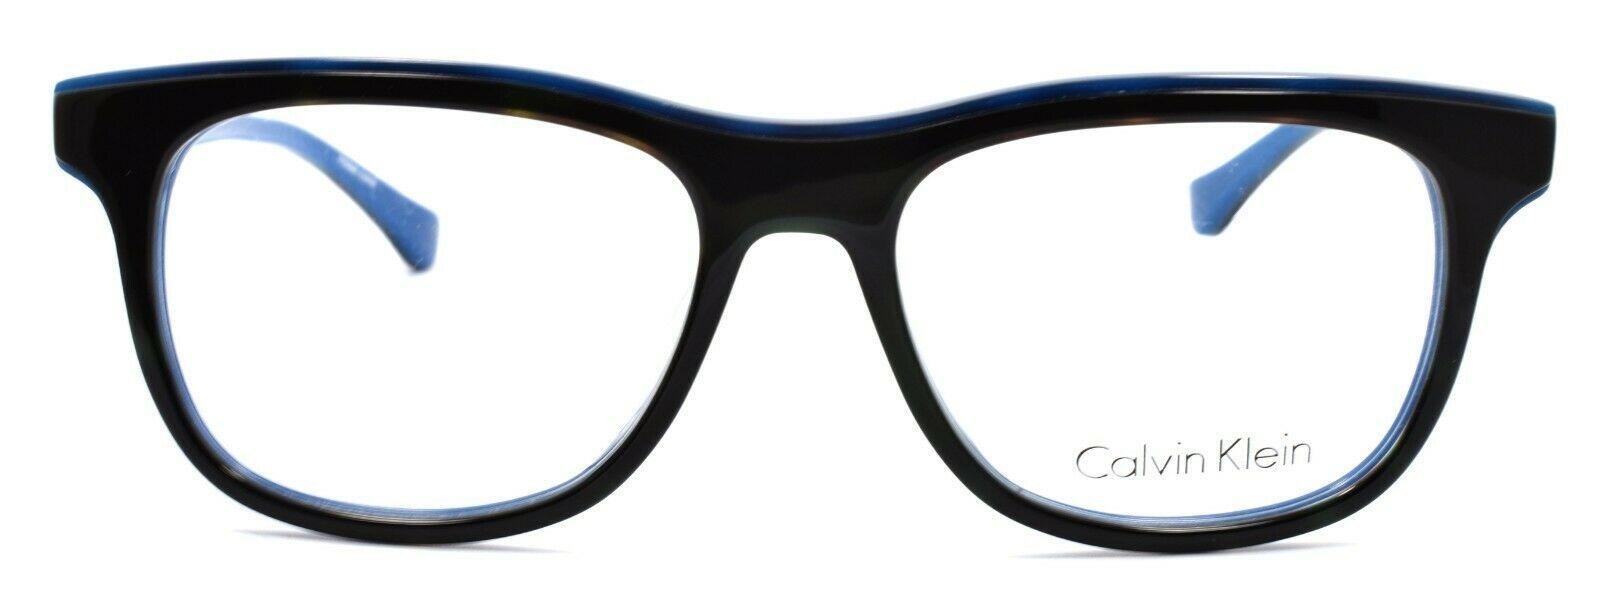 Calvin Klein CK5933 229 Unisex Eyeglasses Frames 51-16-140 Tortoise / Blue